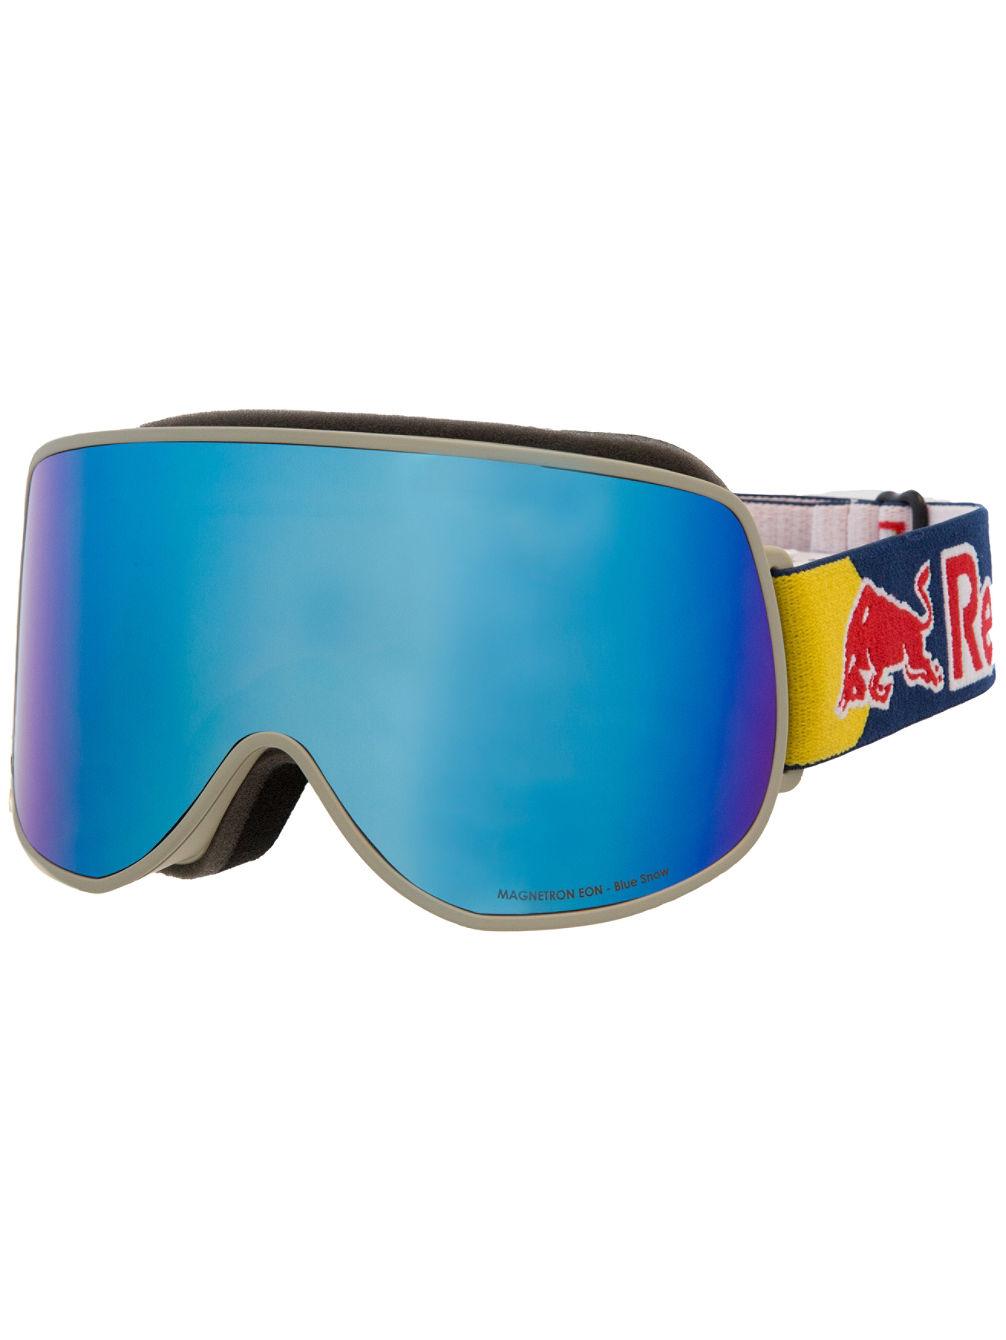 7d238a0f362 Køb Red Bull SPECT Eyewear Magnetron EON Matt Light Grey (+Bonus Lens)  online hos blue-tomato.com